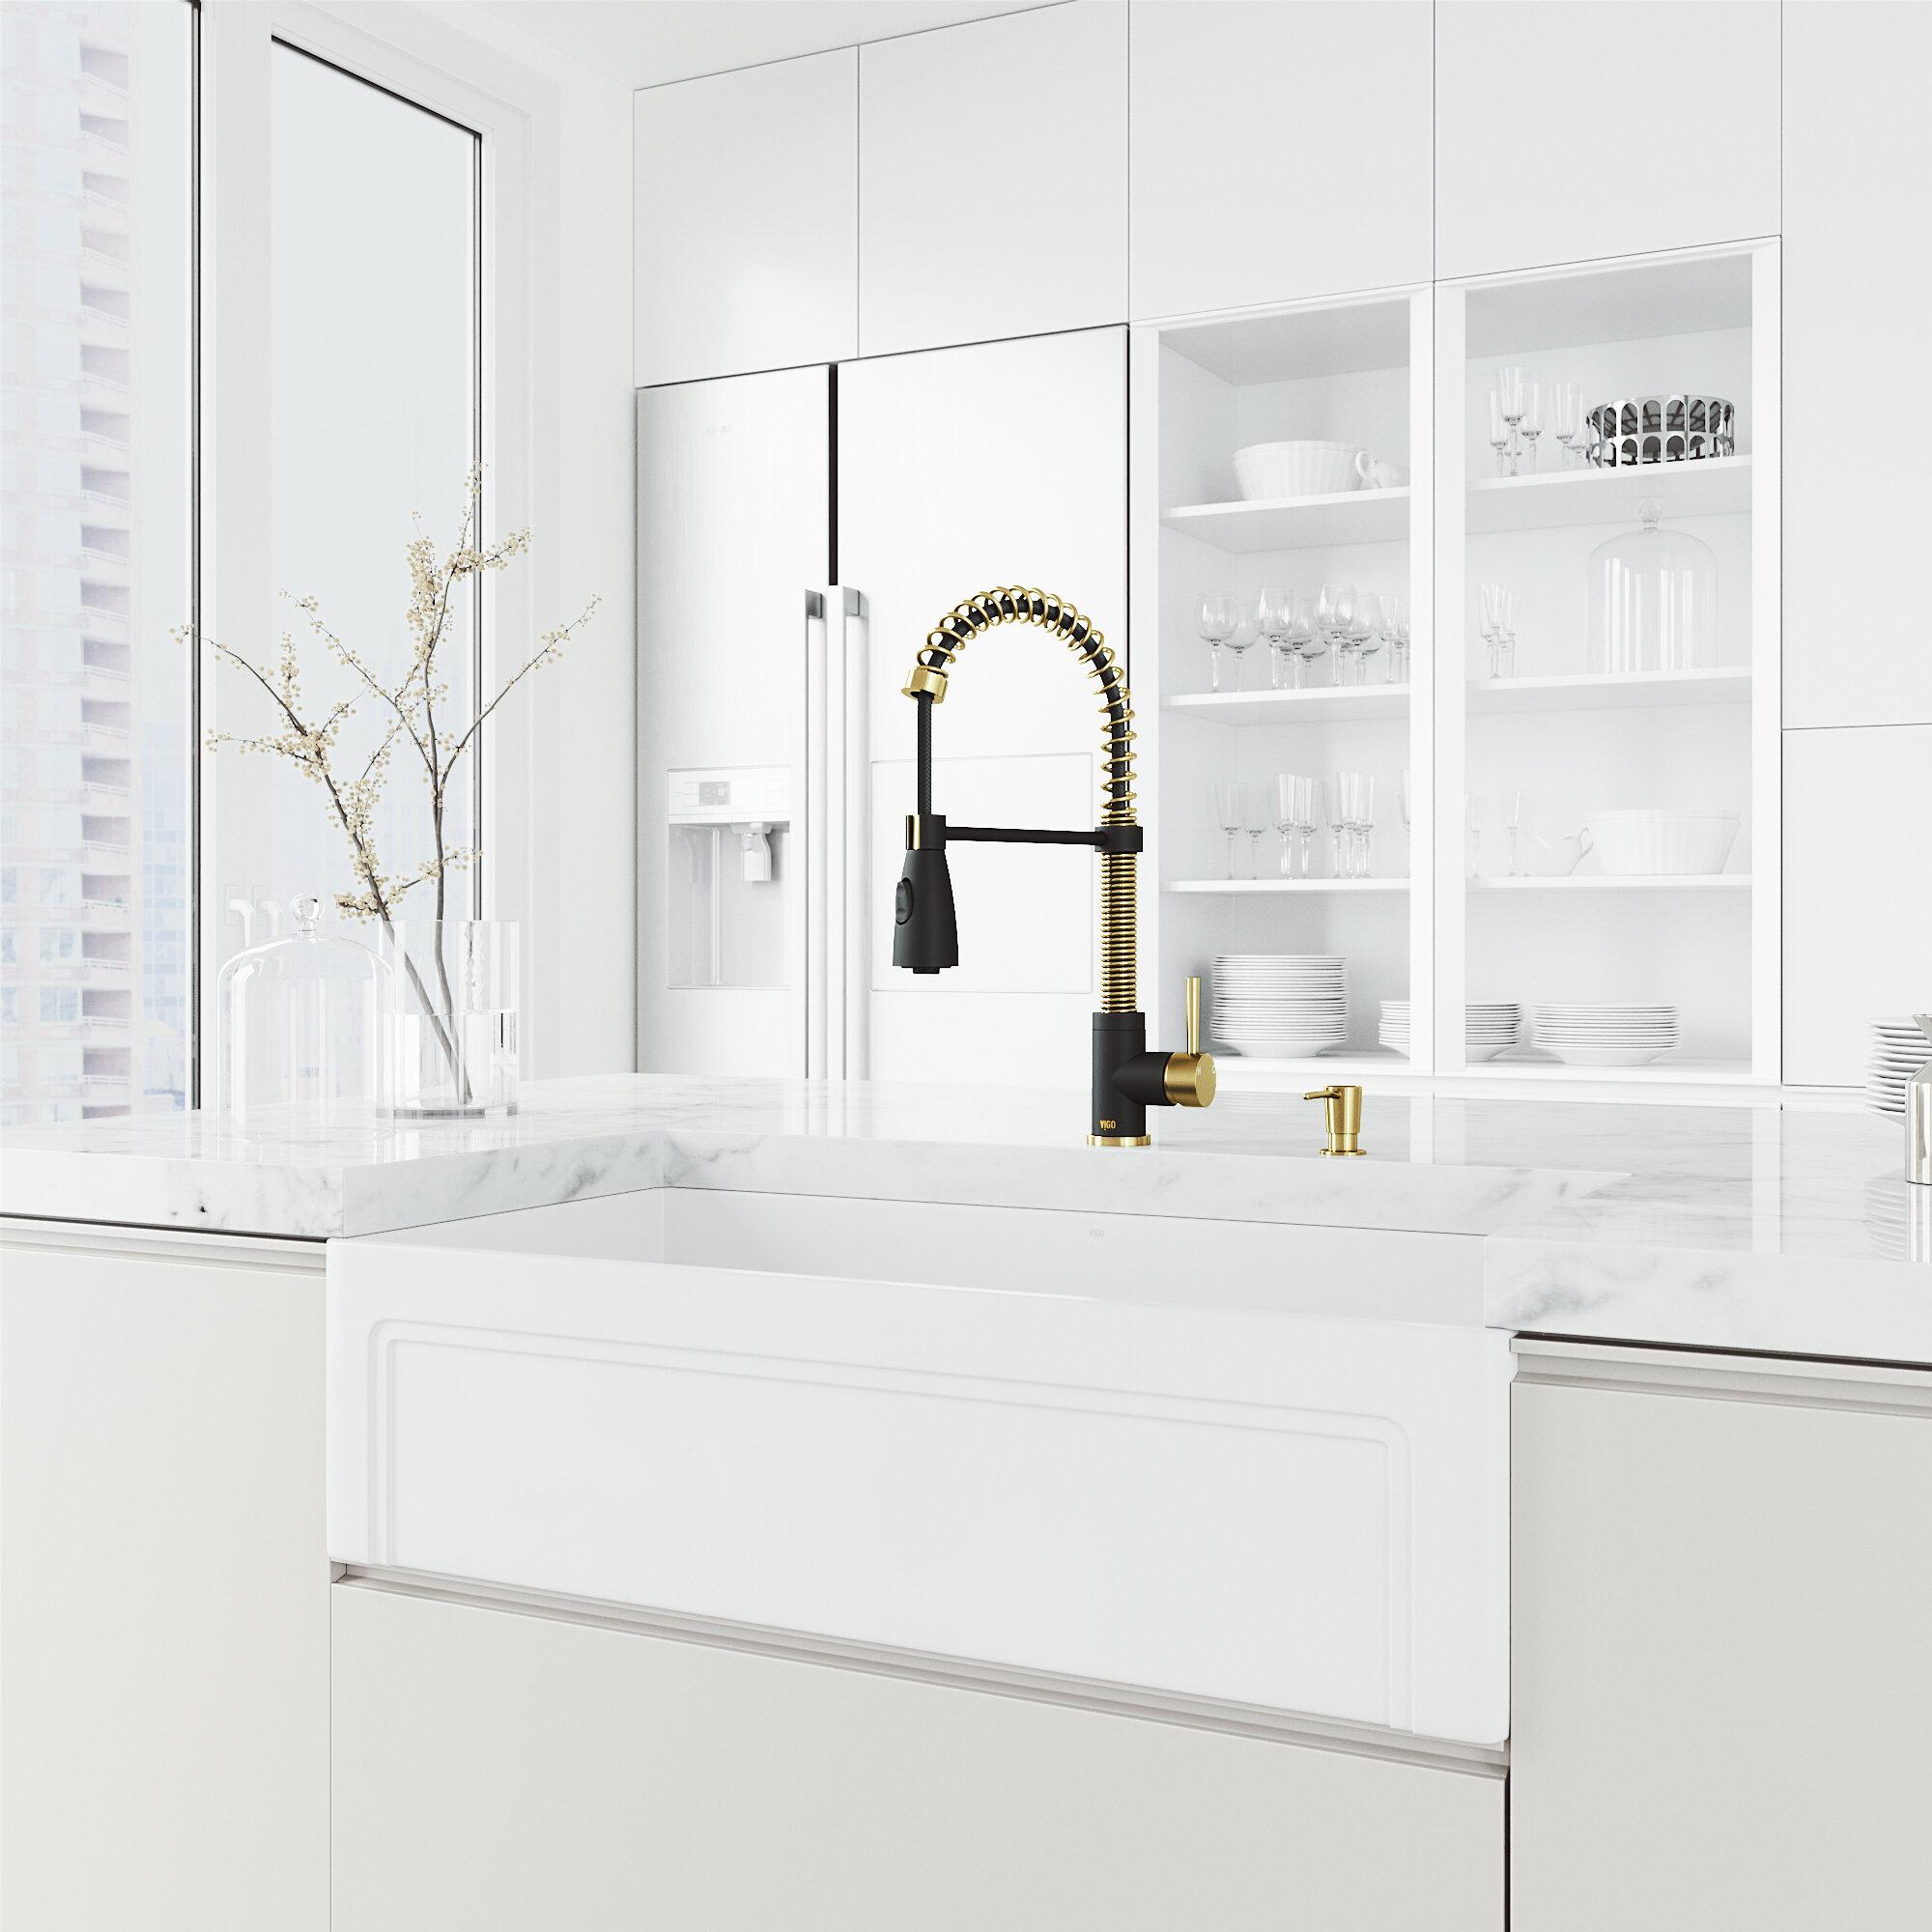 Vigo 36 L X 18 W Farmhouse Kitchen Sink With Faucet And Soap Dispenser Reviews Wayfair